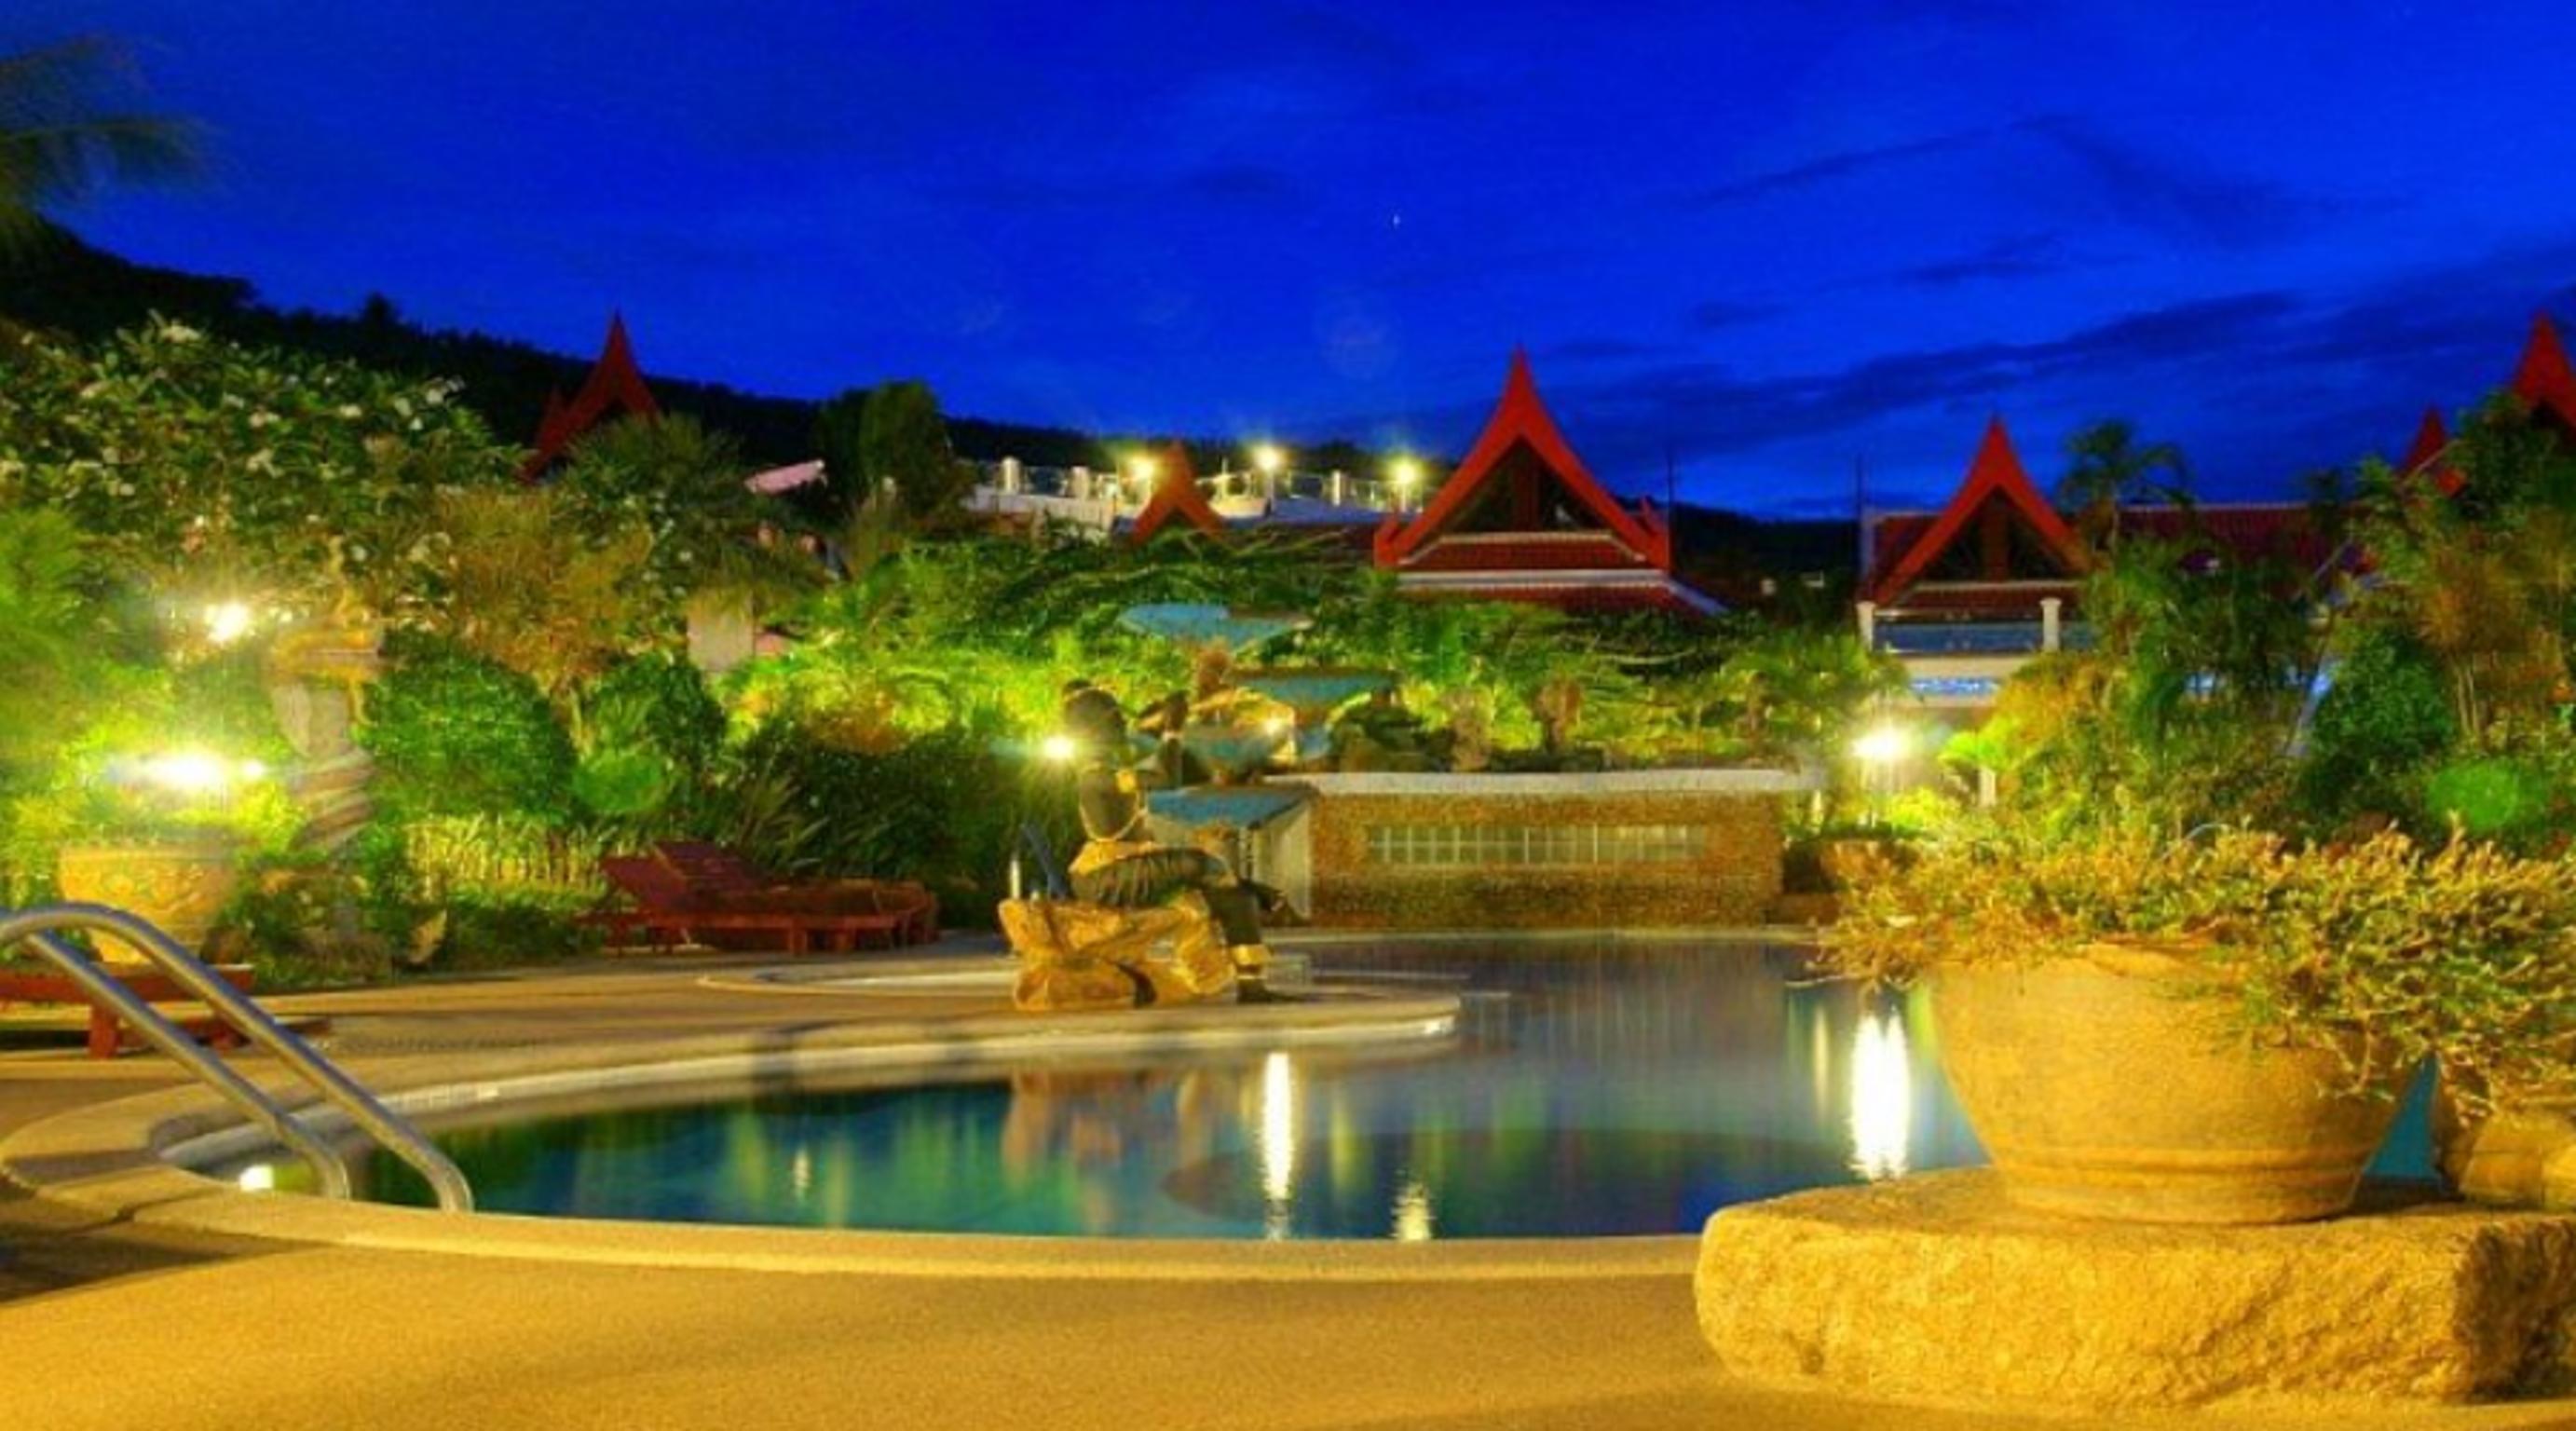 Royal Living Koh Samui - authentische, serviceorie Villa in Thailand